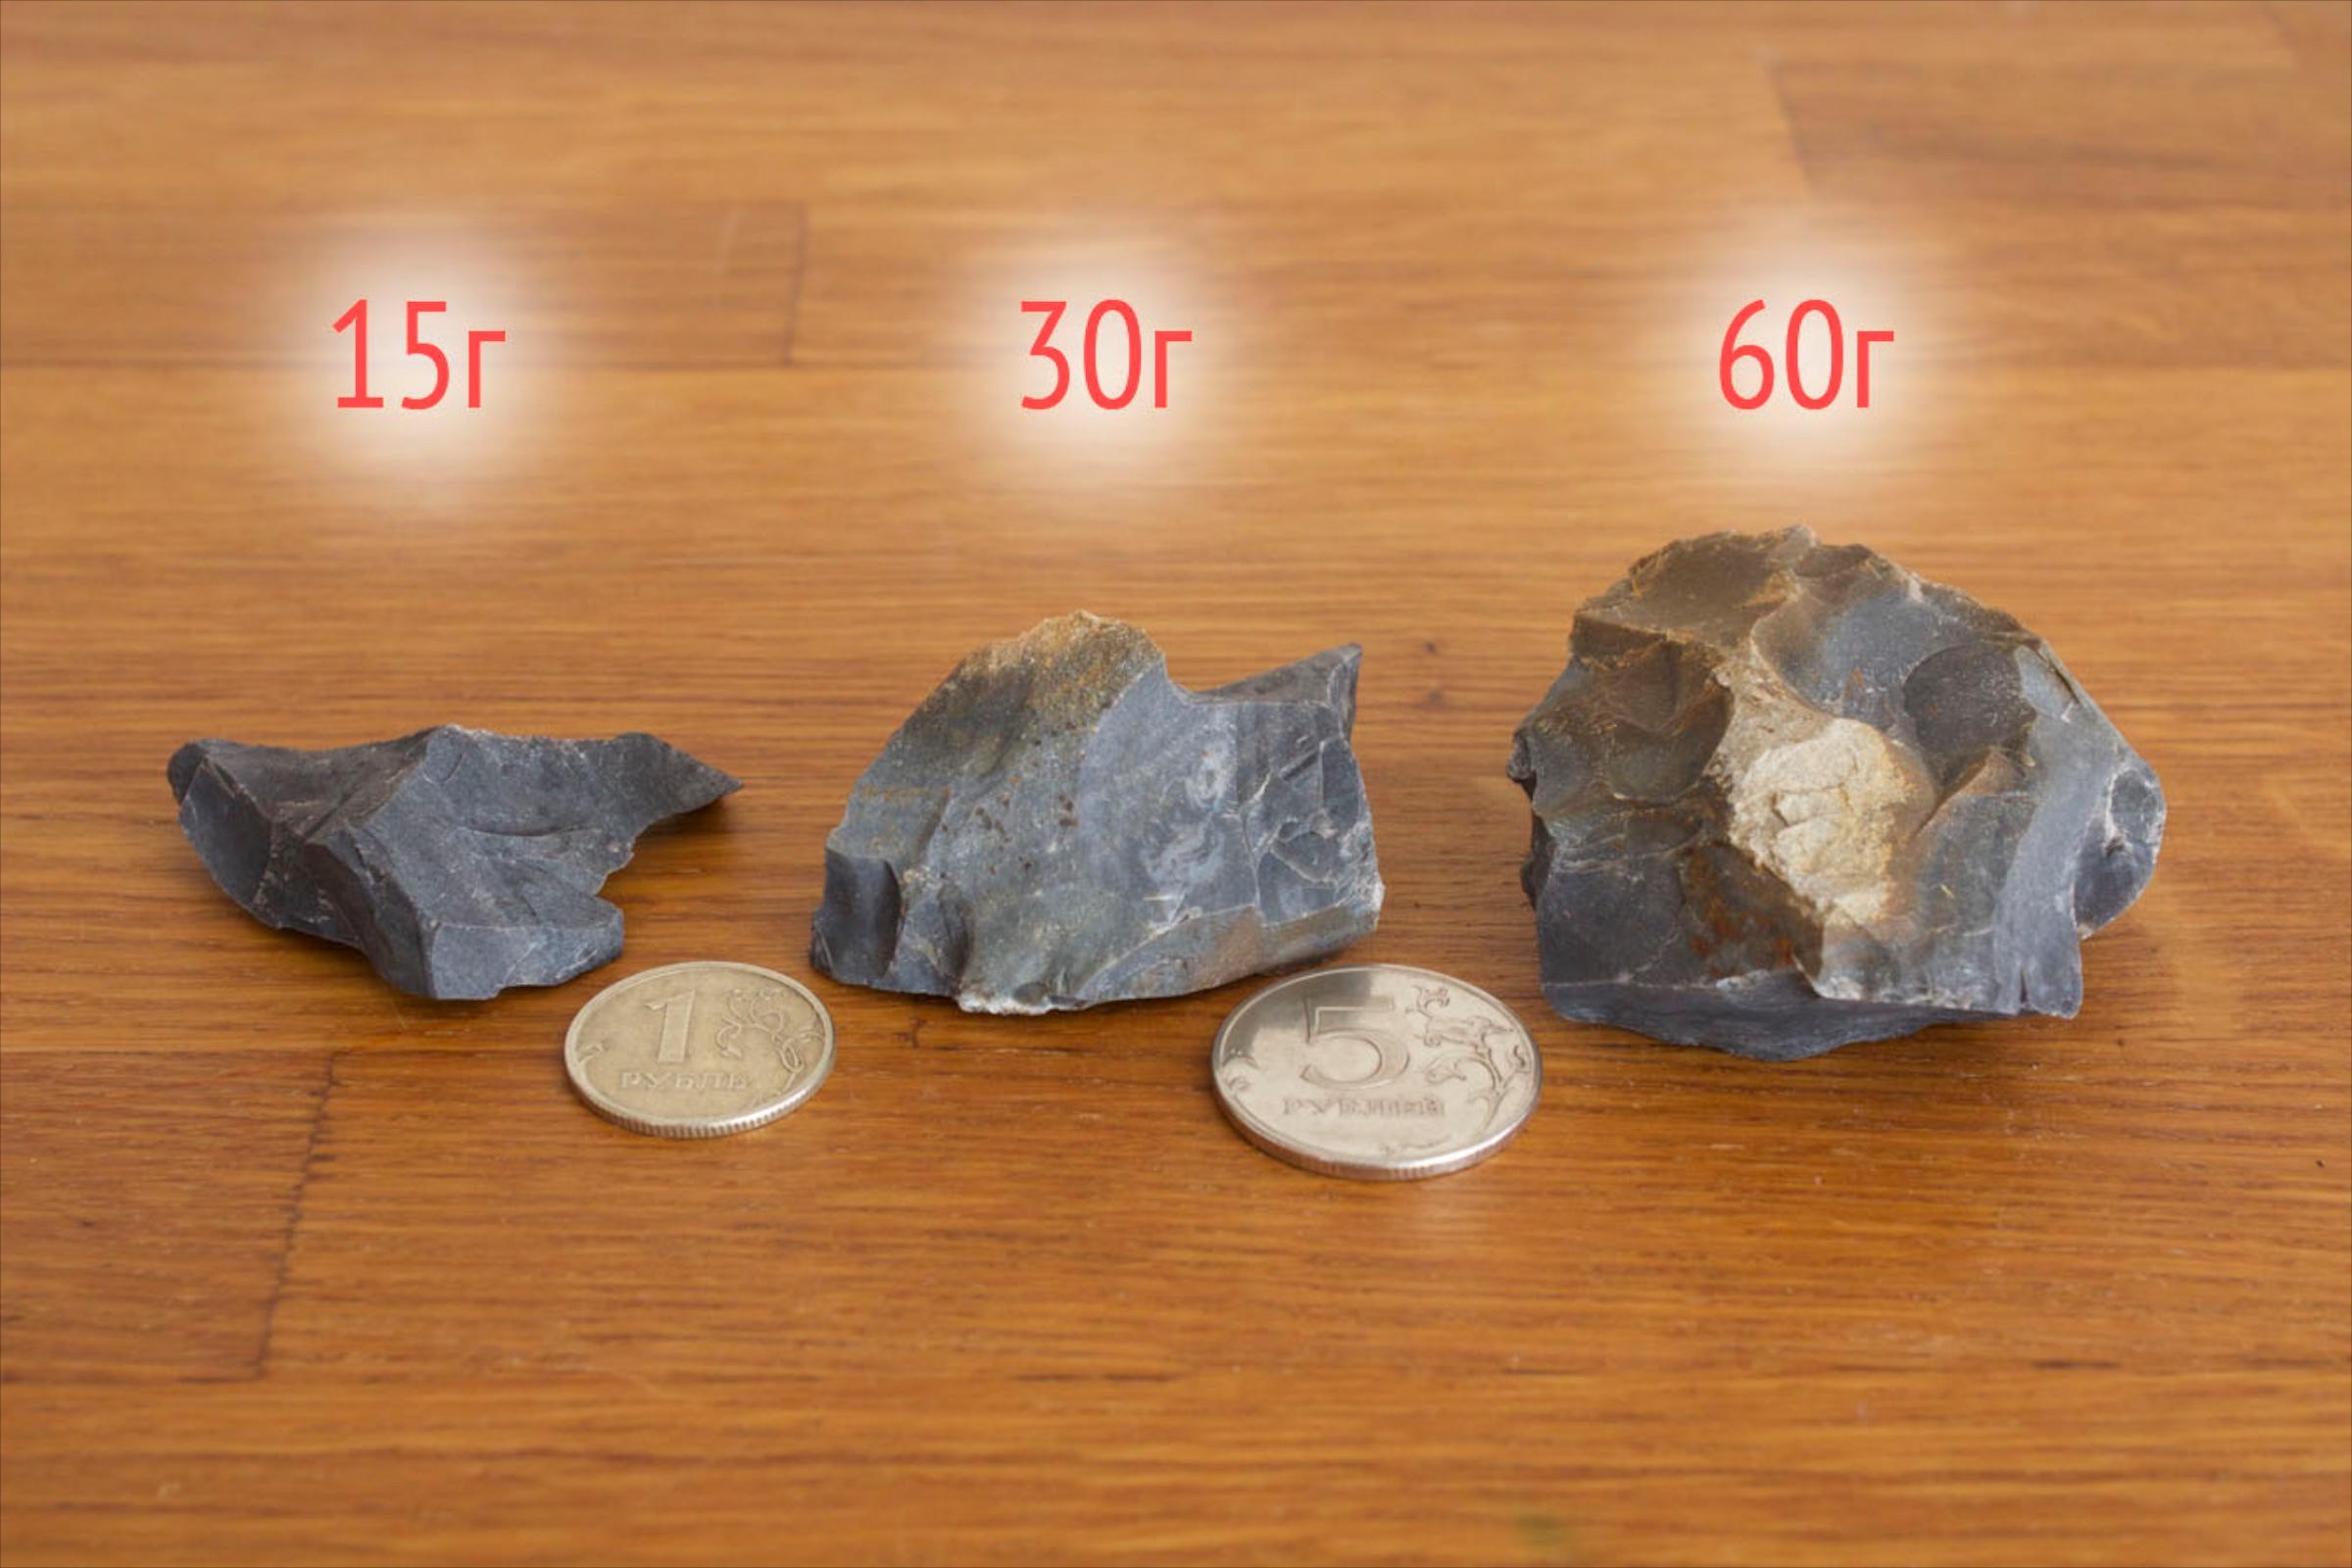 Кремень размеры с монетами - Купить огниво: кресало, кремень, трут и костровые наборы